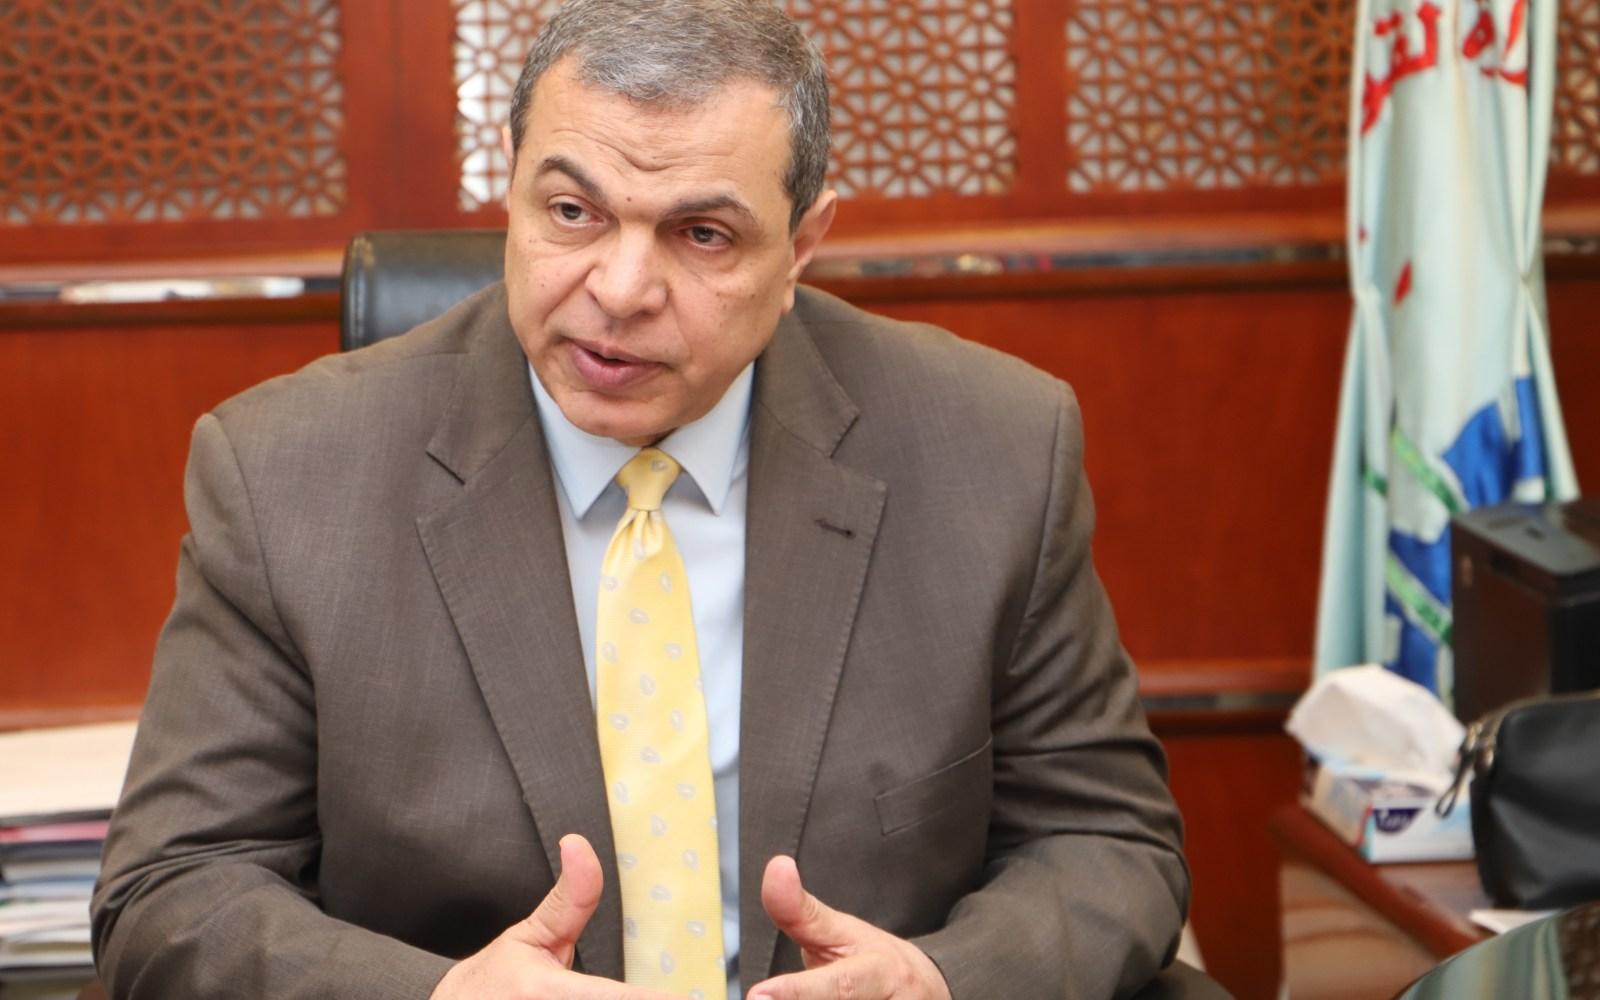 القوى العاملة : قرار جديد بالكويت يسمح للعمالة الوافدة المقيمة بتجديد إقاماتهم المنتهية